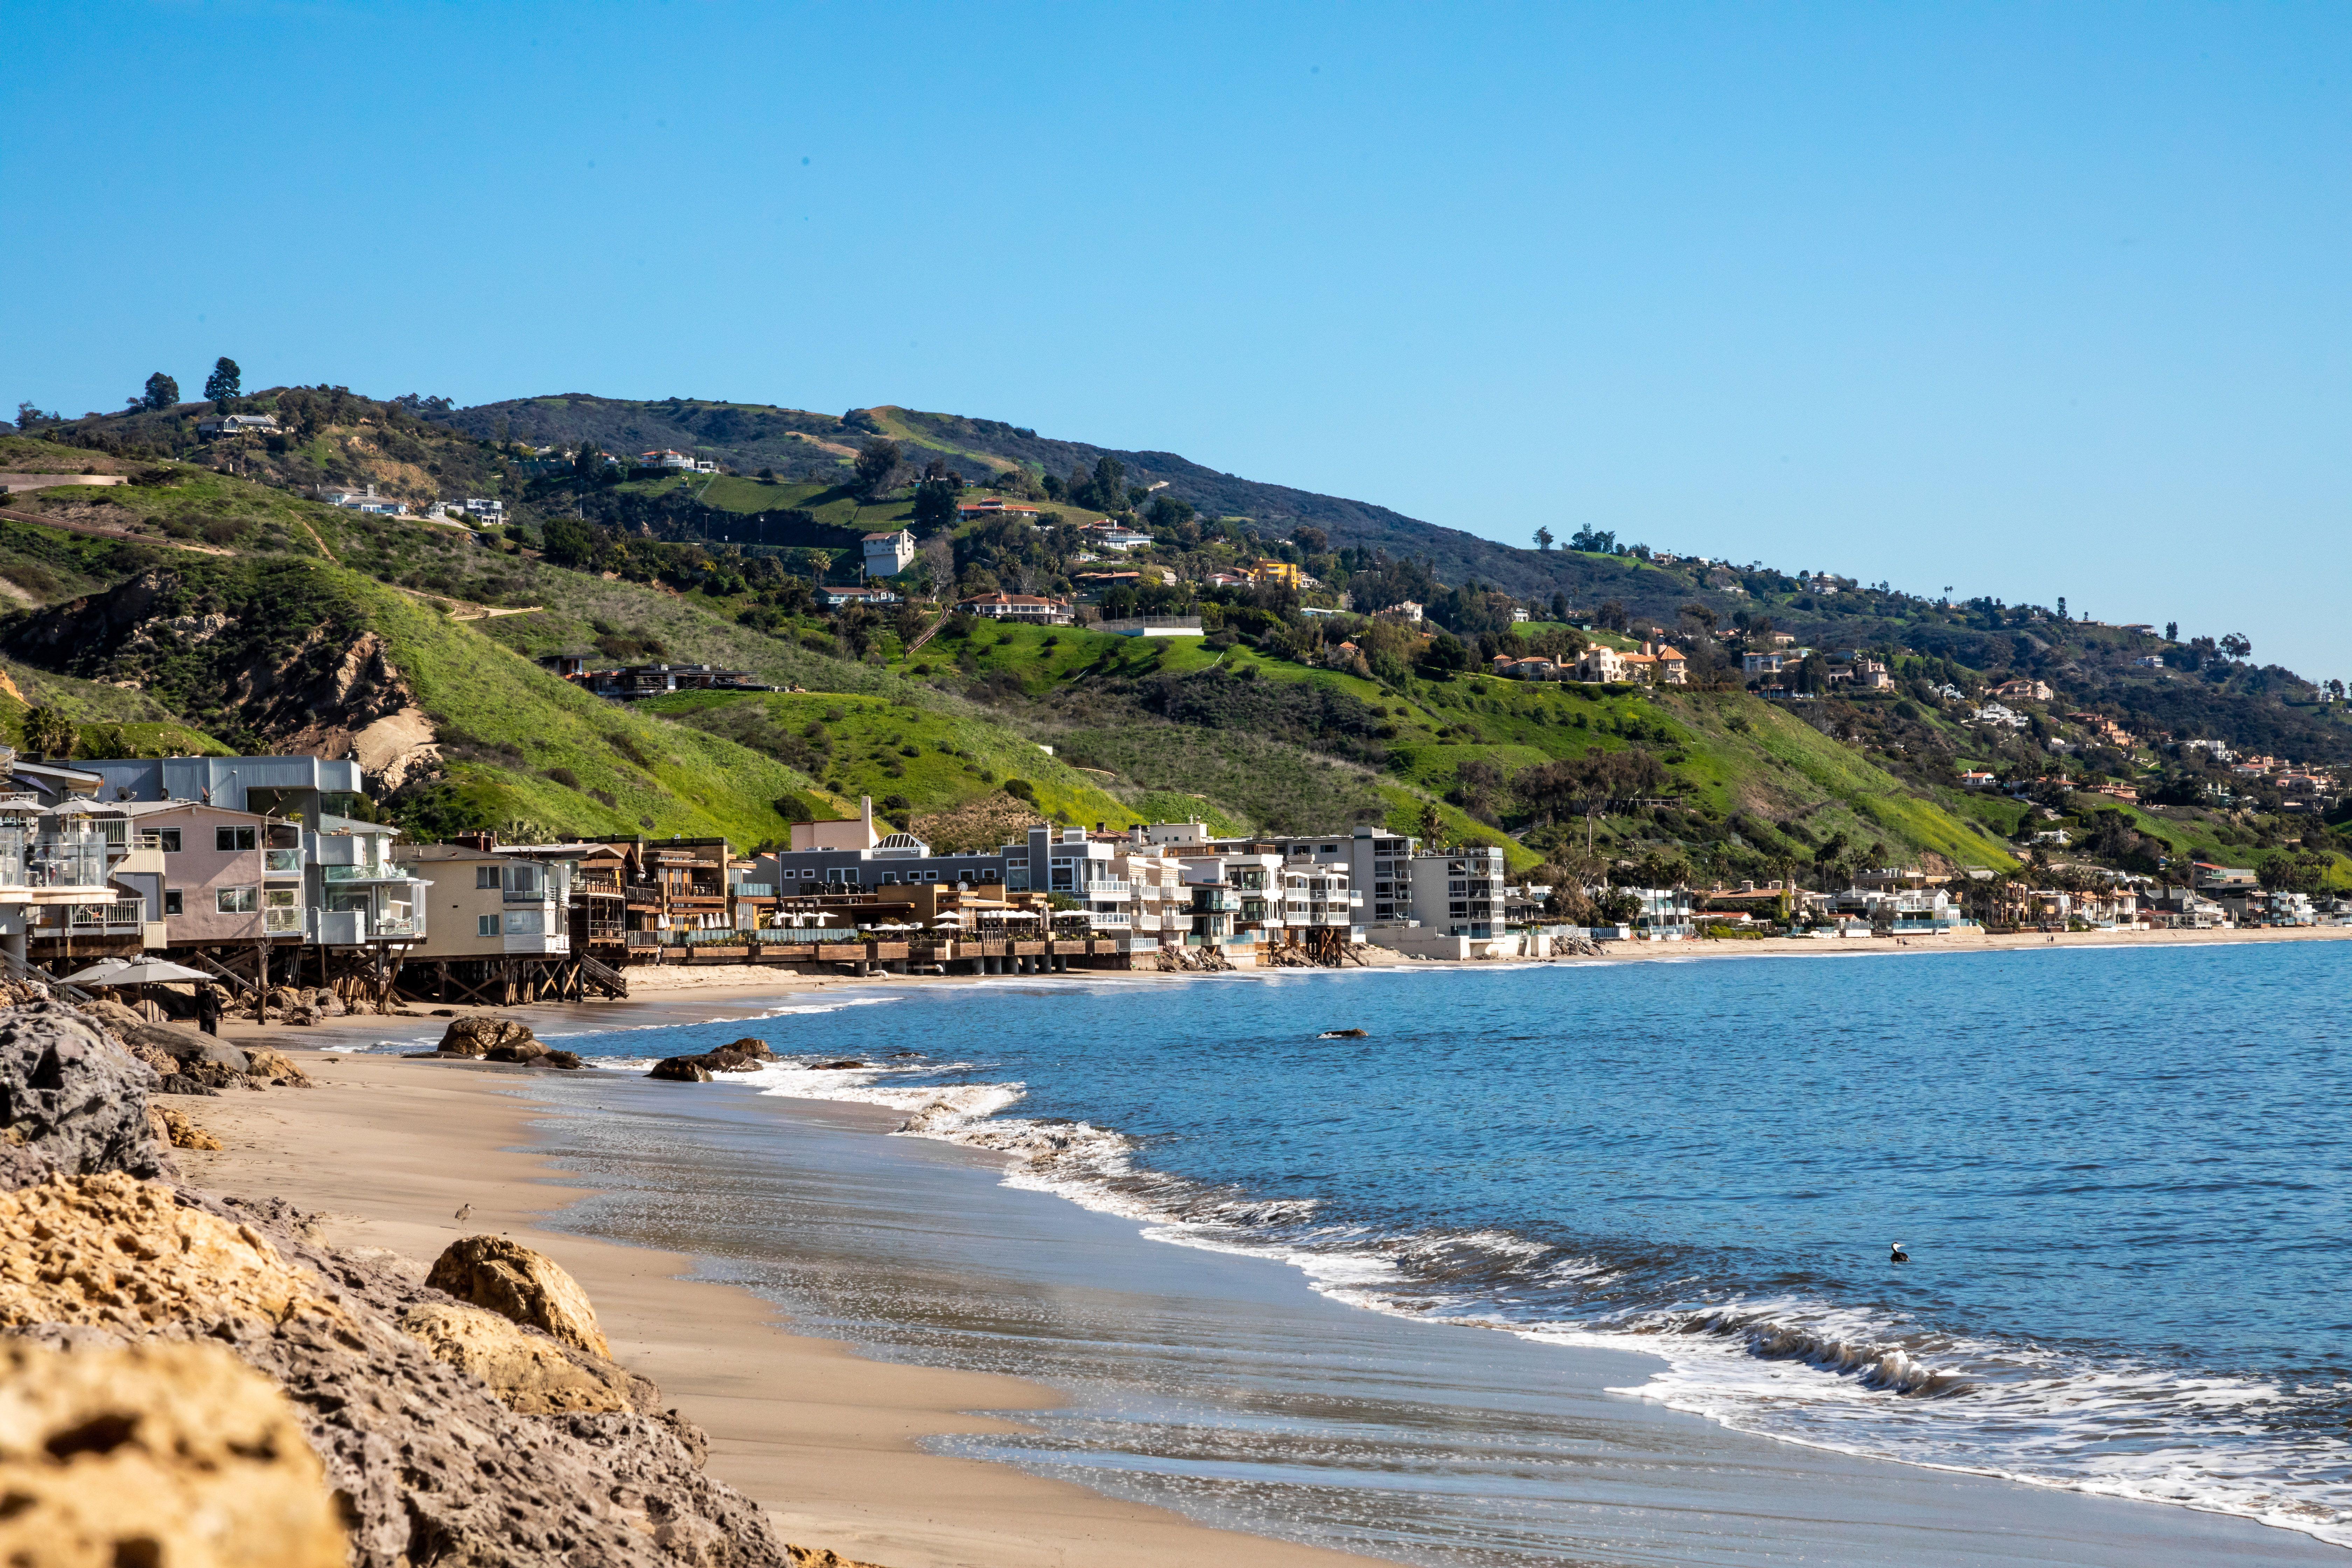 The beach in Malibu